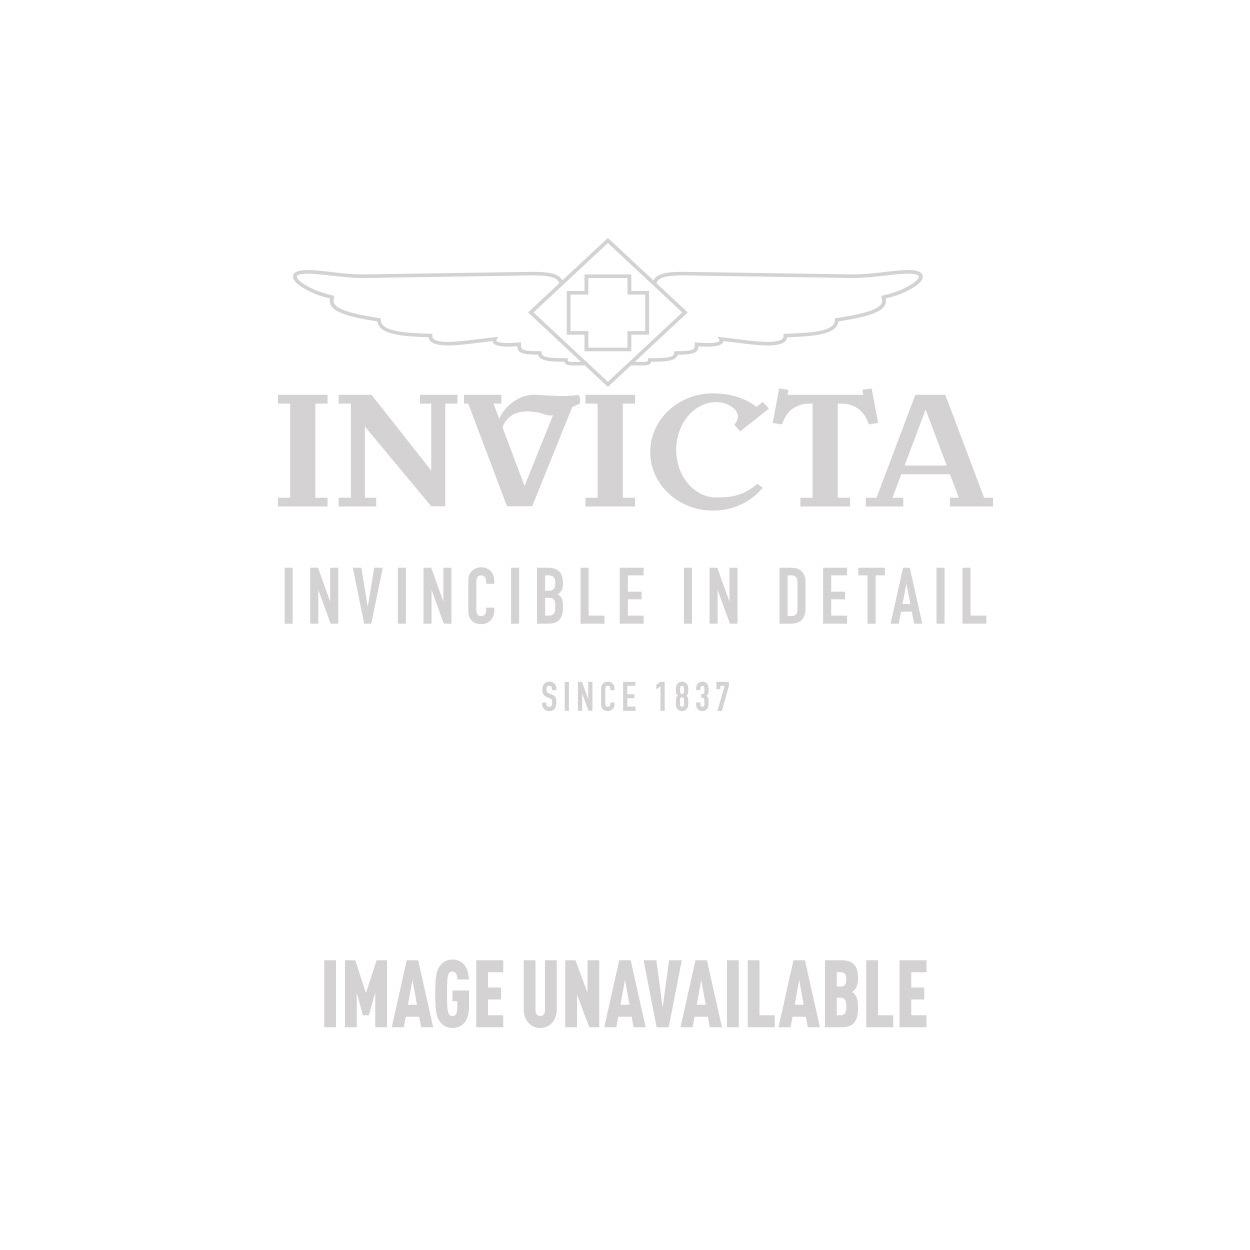 Invicta Model 26910